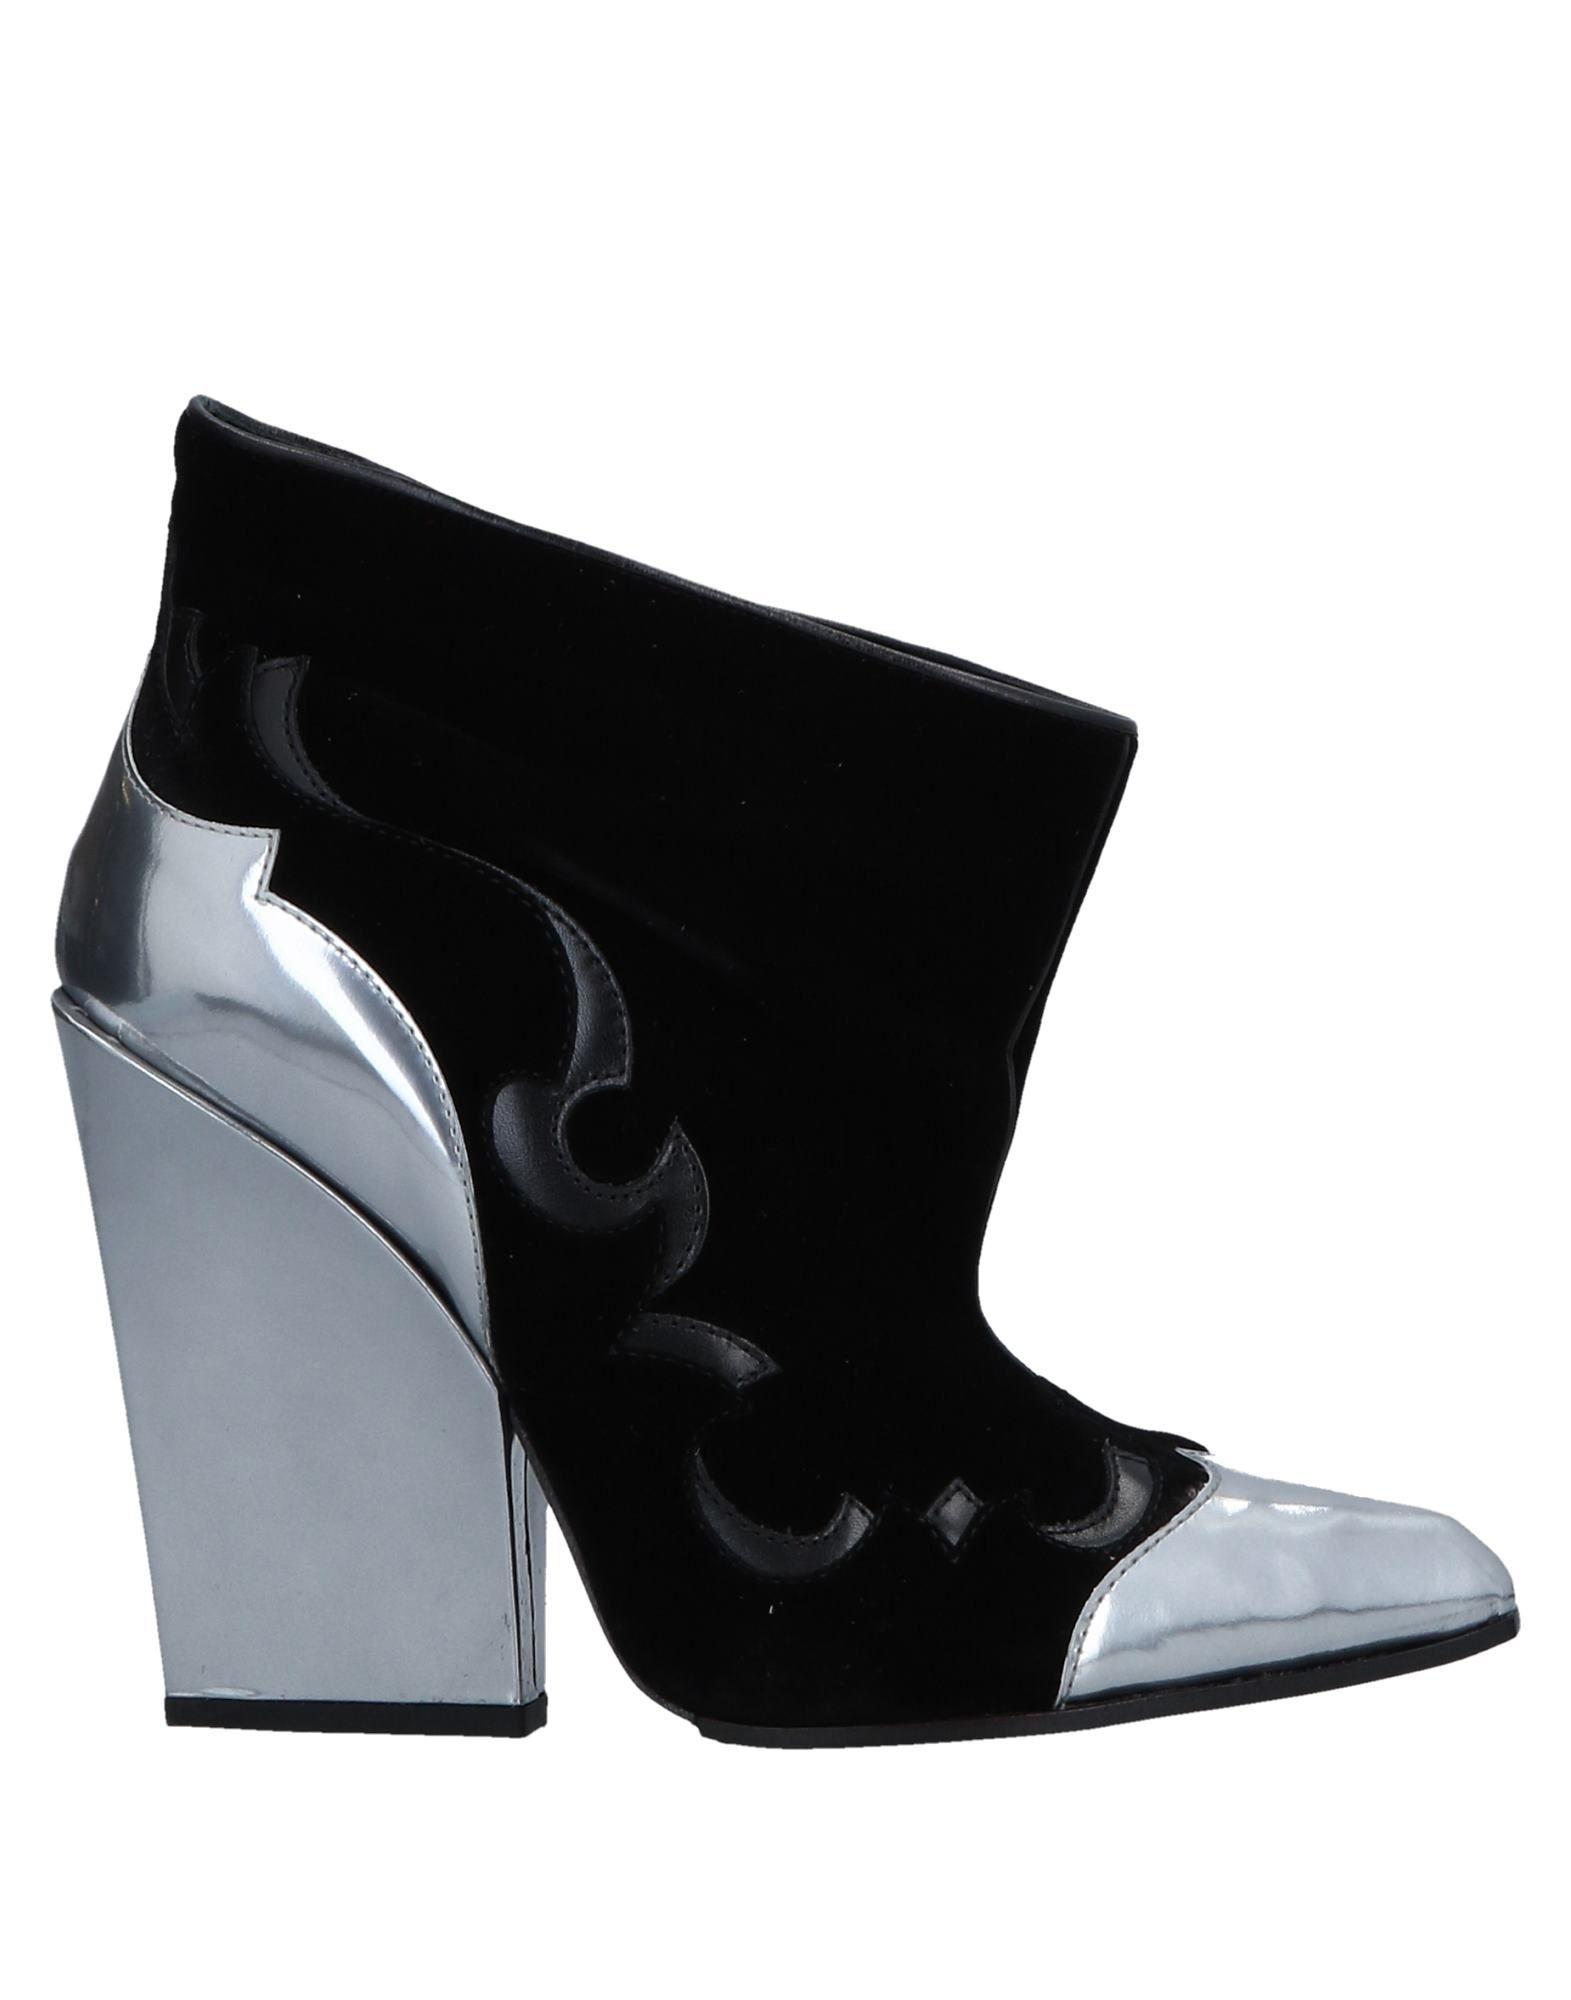 Sergio Rossi Stiefelette Damen  11526163JKGünstige gut aussehende Schuhe